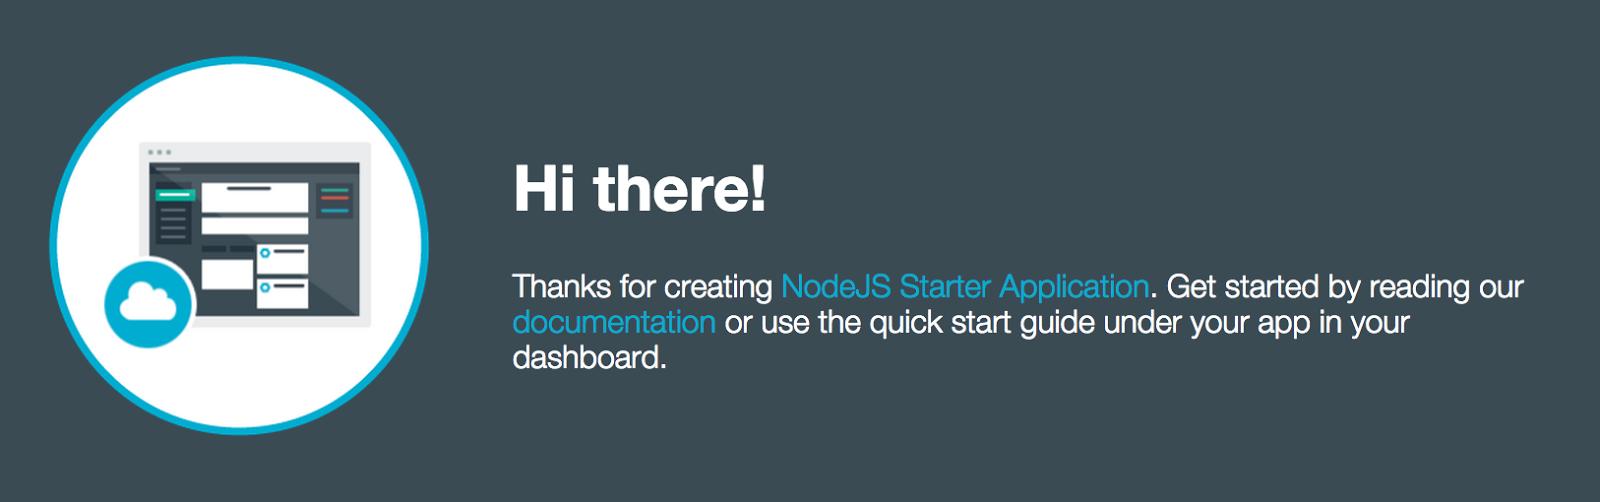 Screenshot of Node.js Starter App